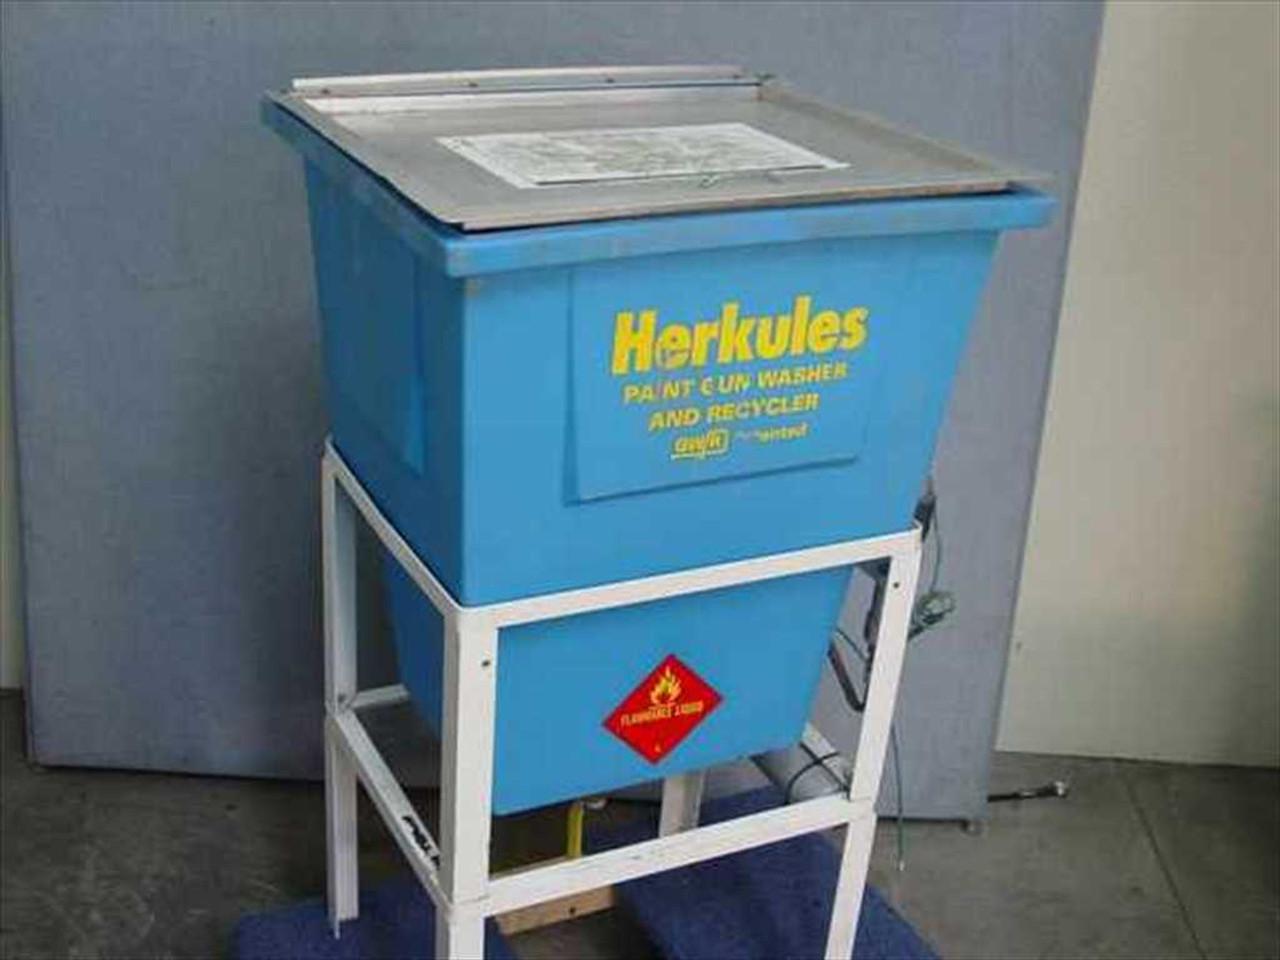 Herkules Equipment Corp 650228 Herkules Paint Gun Washer